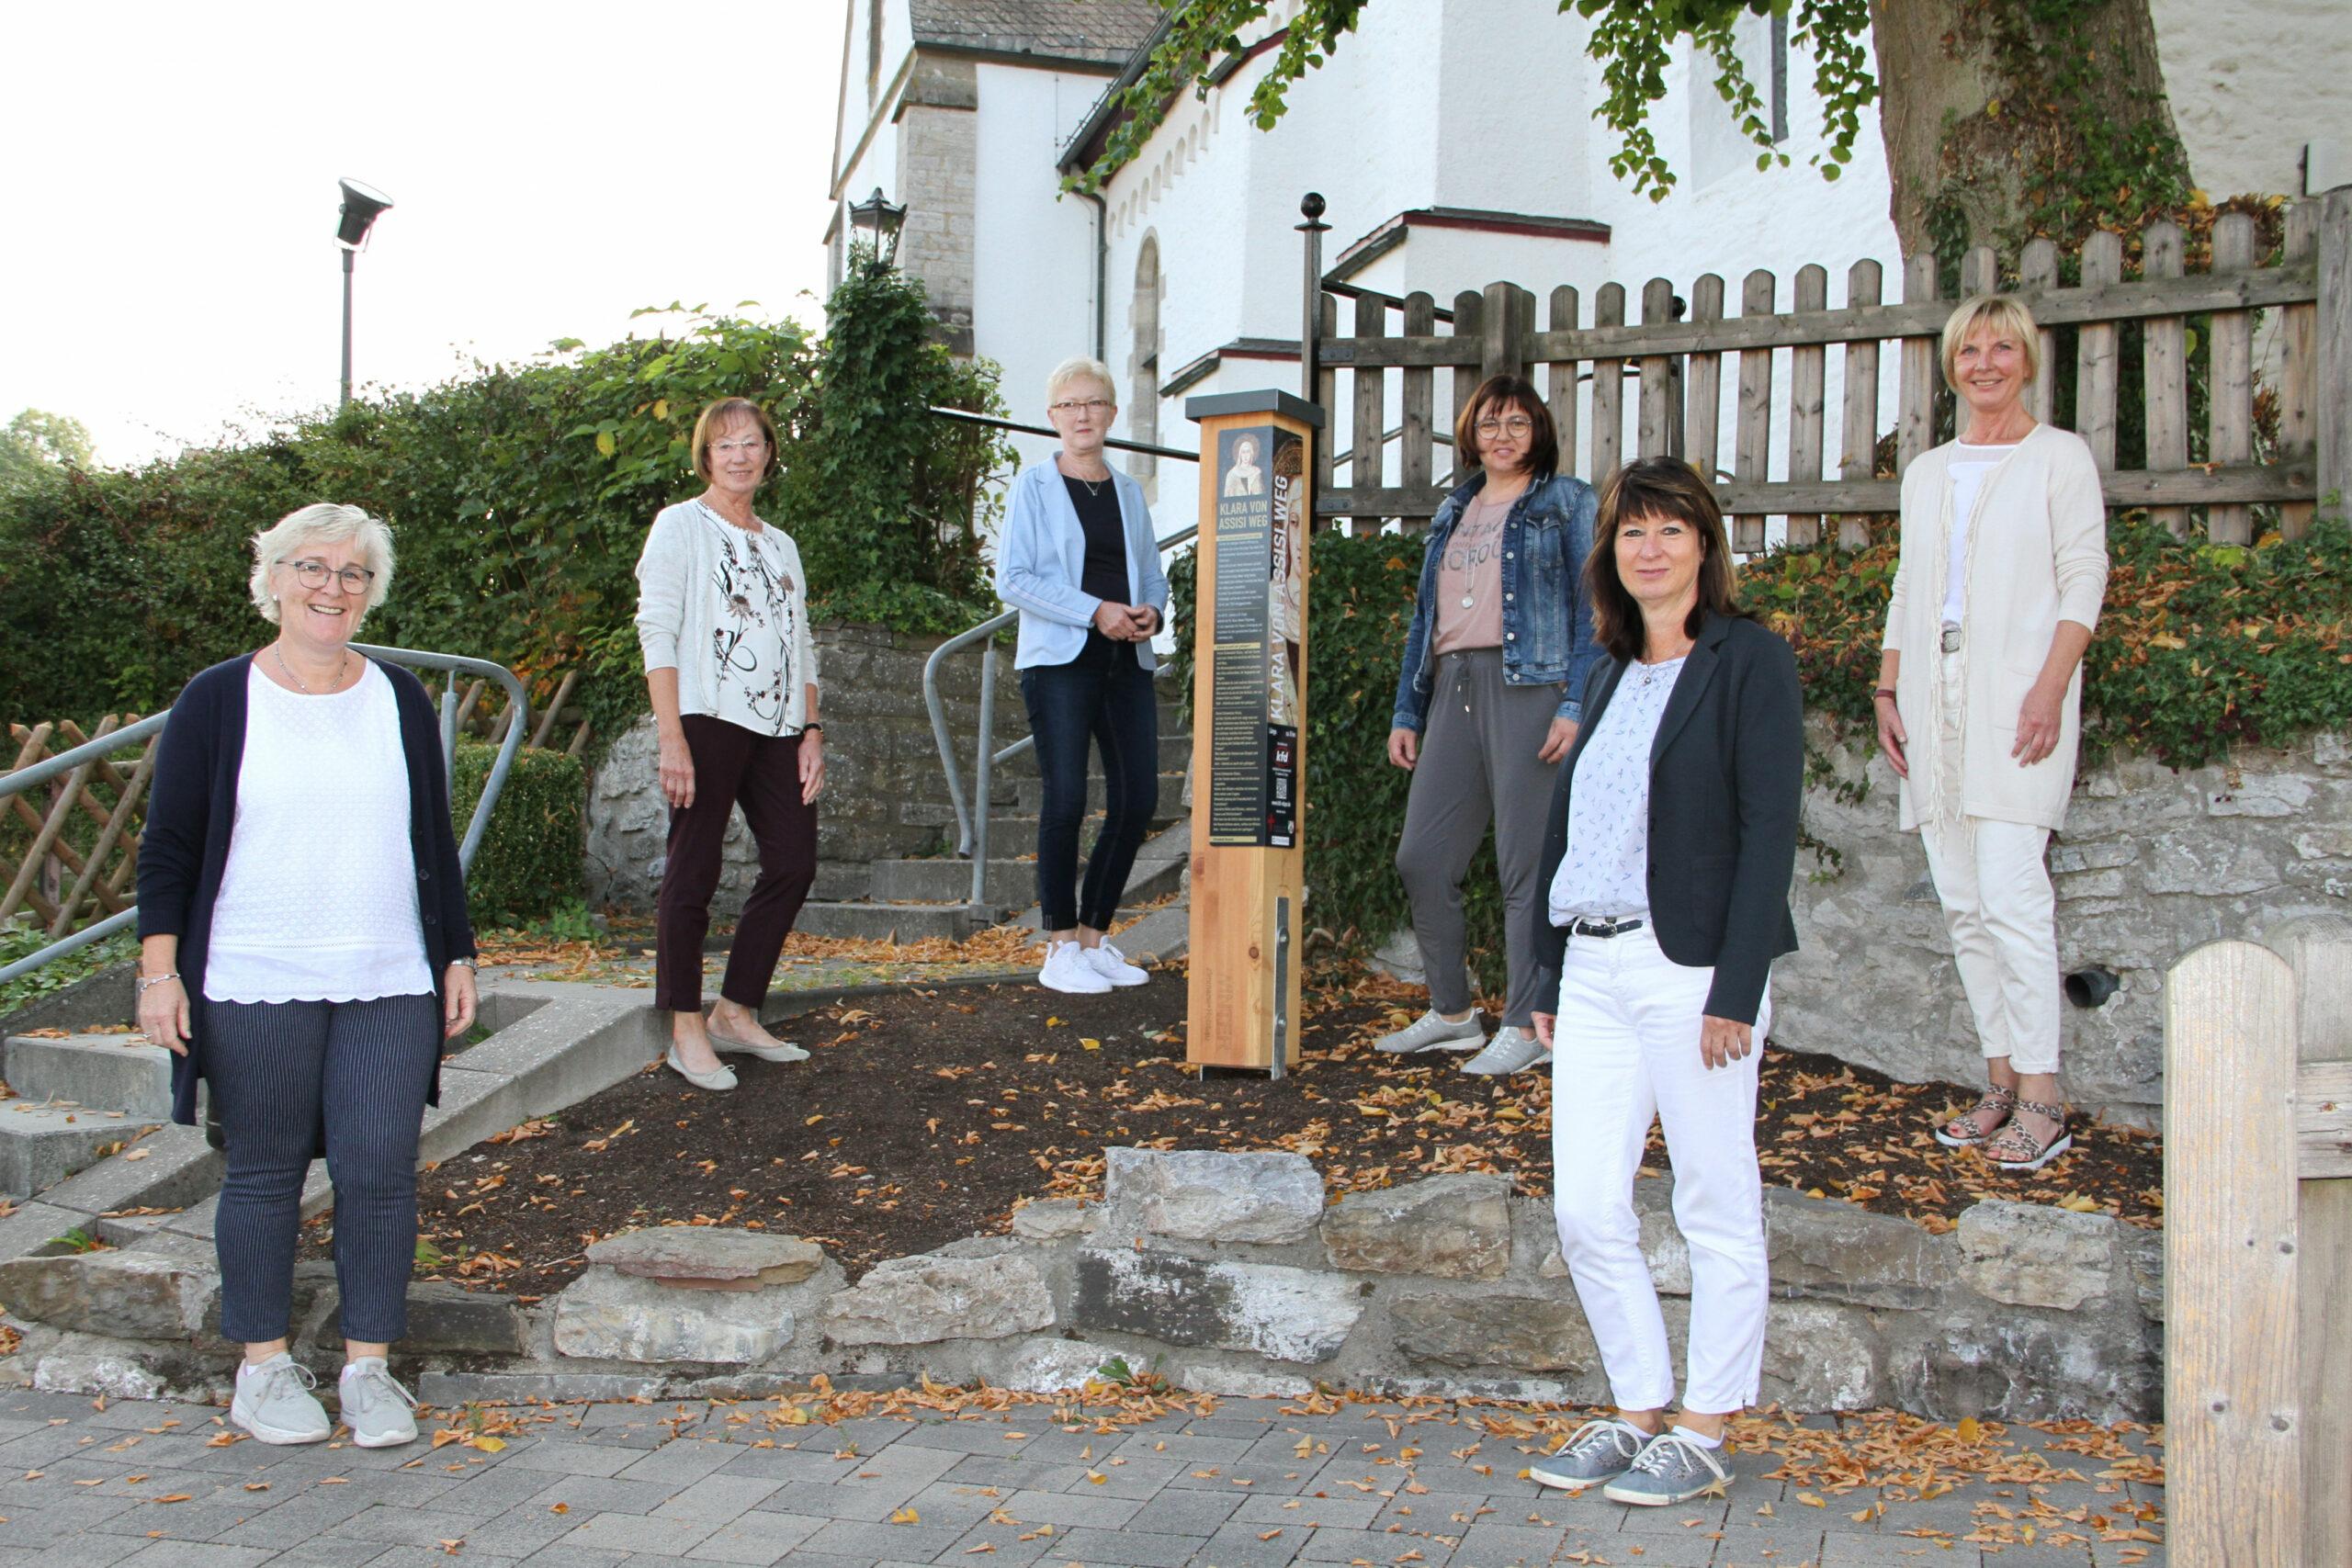 Pia Wipper, Elisabeth Schmittgens, Dorothea Happe, Birgit Geuecke, Birgit Halbe und Barbara Sonntag